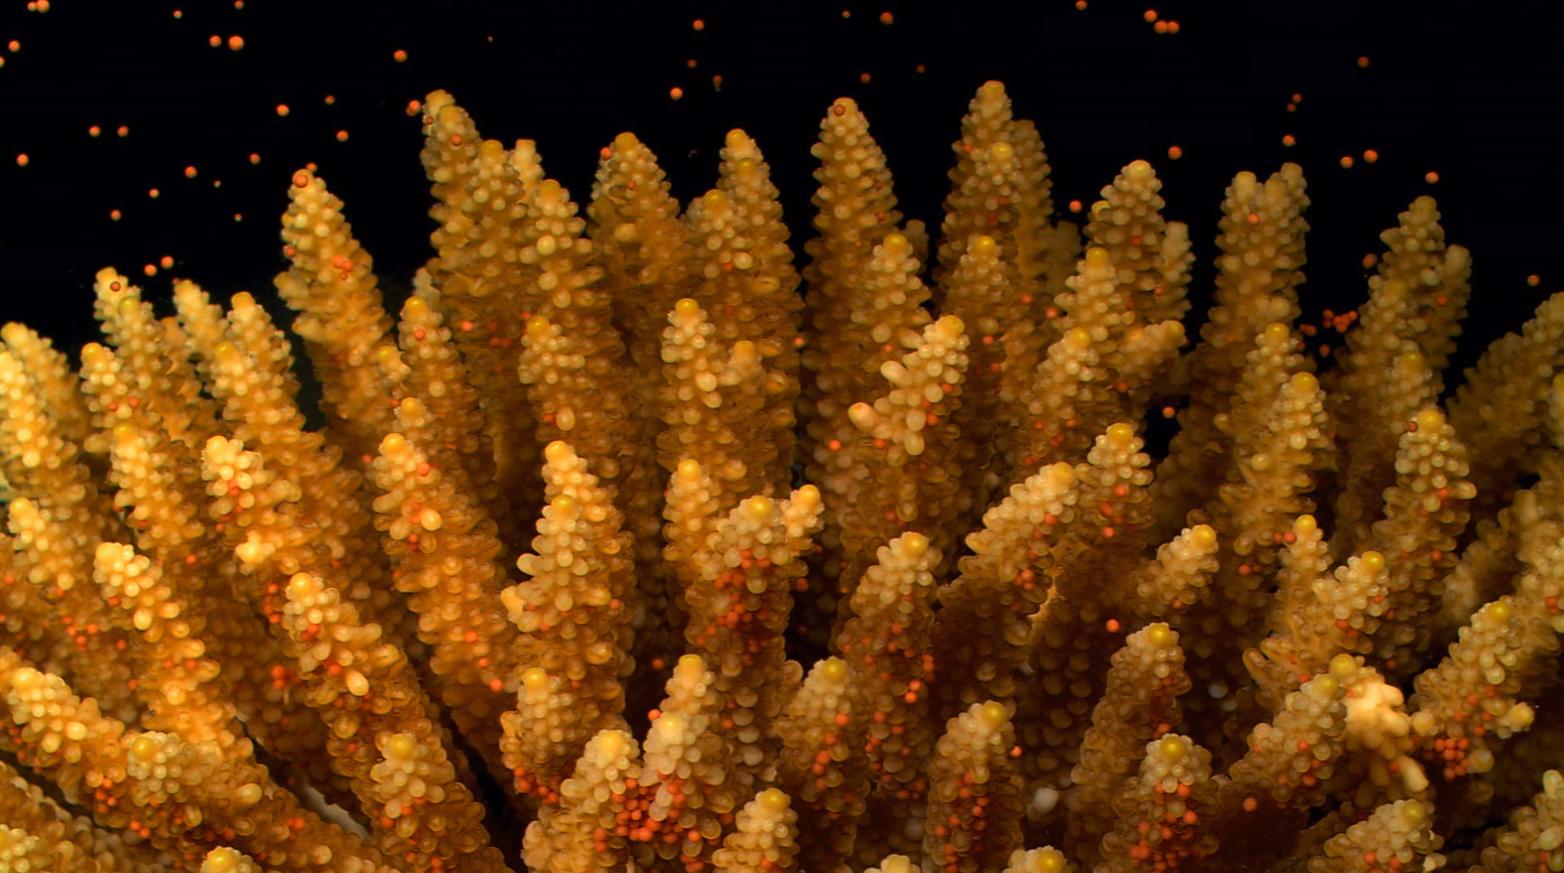 Corail avec petites boules rouges qui flottent autour